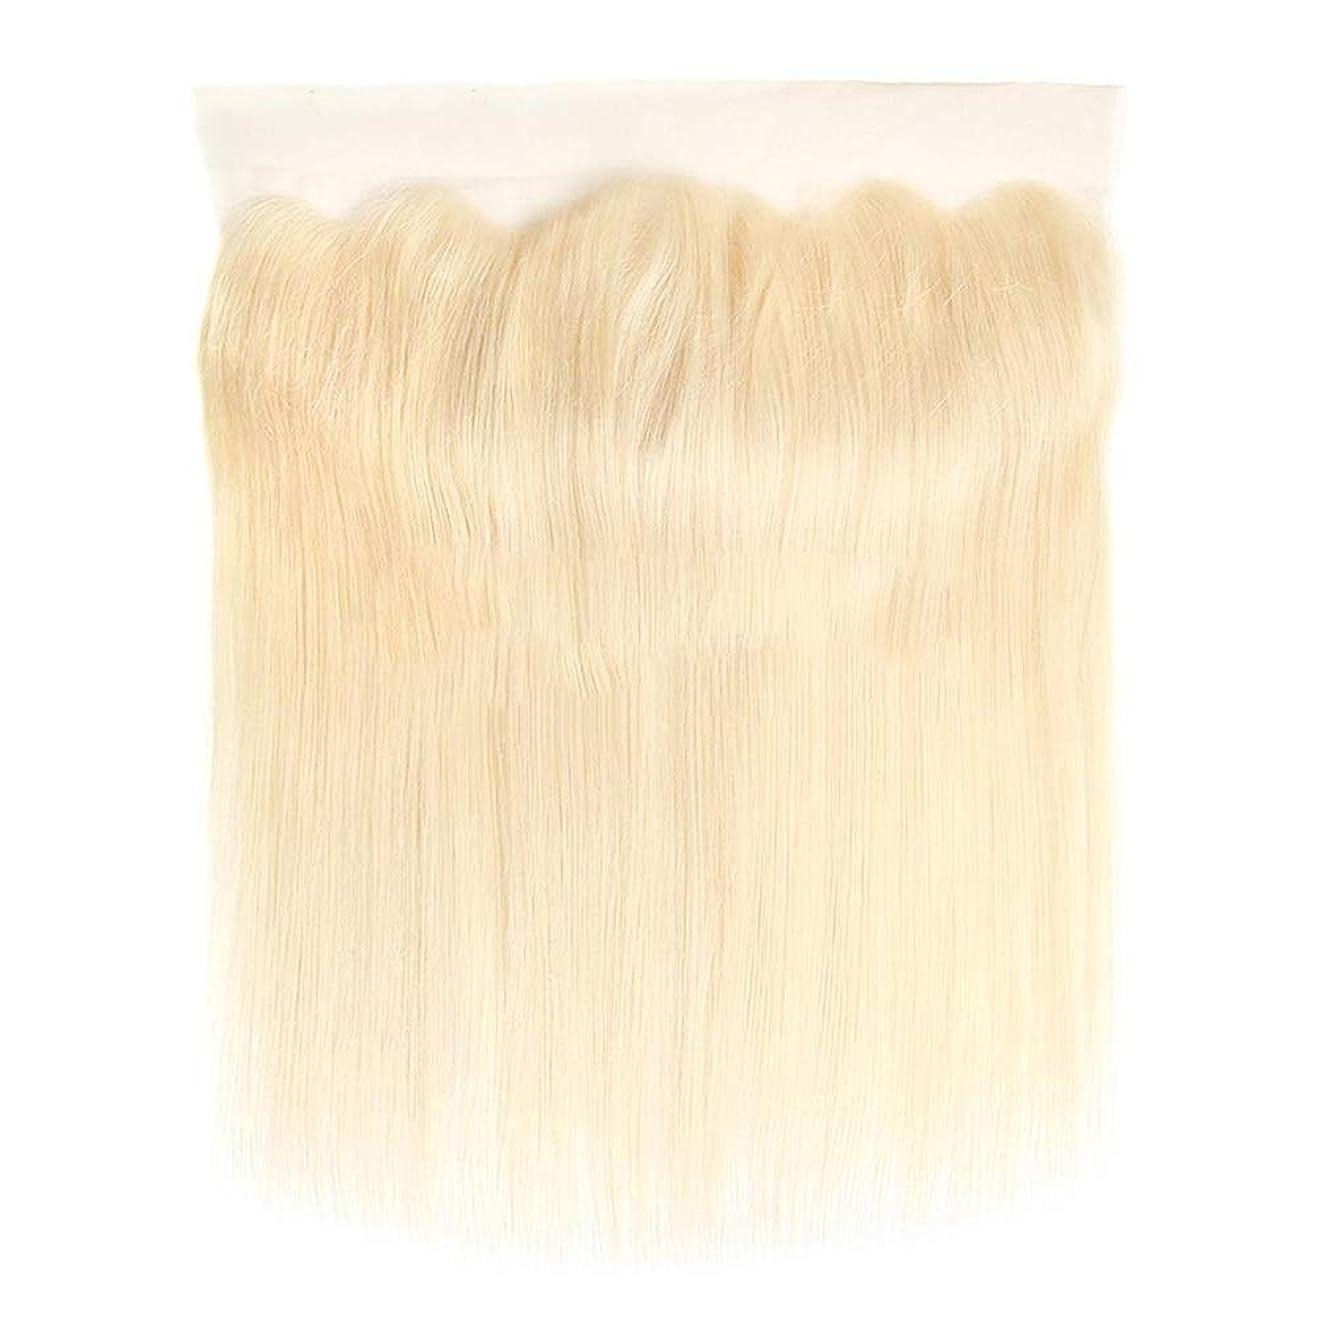 パパ大使爆弾BOBIDYEE ブラジルの人間の髪の毛613#金髪レース前頭閉鎖無料パート13X4耳と耳のレース前頭合成髪レースかつらロールプレイングかつら長くて短い女性自然 (色 : Blonde, サイズ : 16 inch)